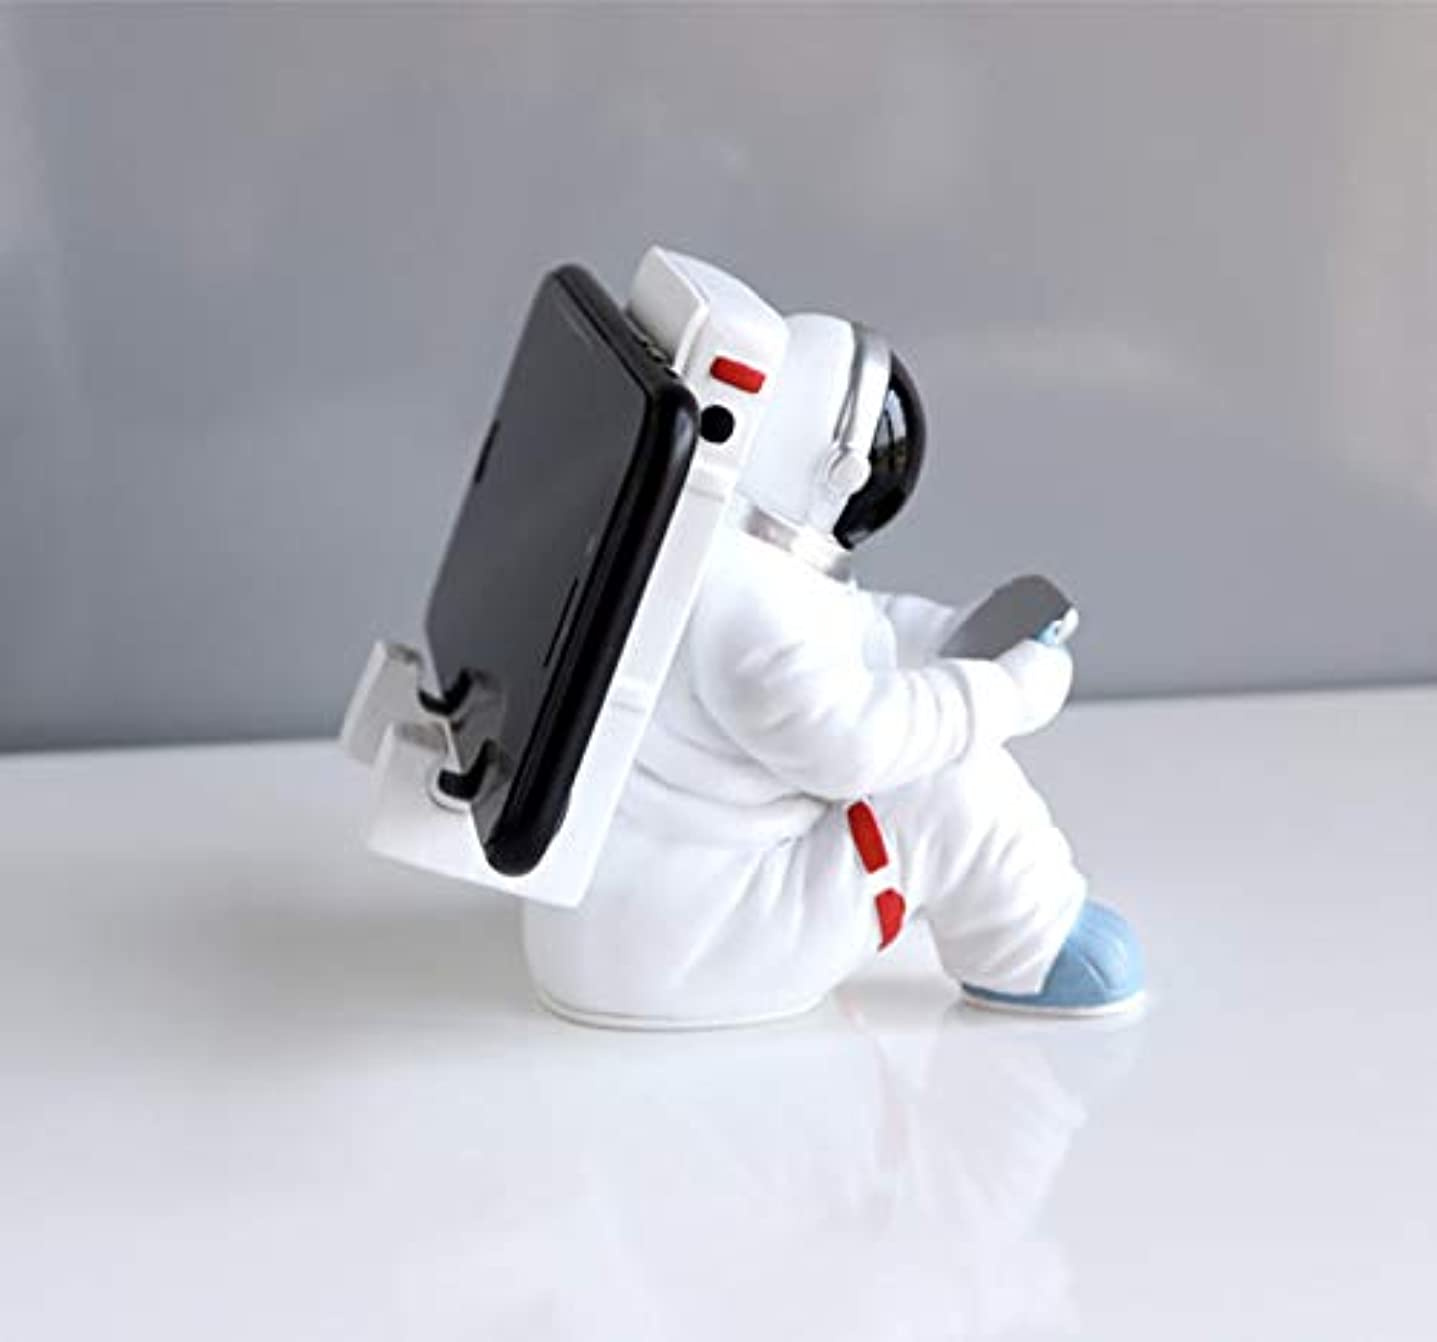 レンダーアンタゴニスト一過性アストロノーツiPhoneアップルノートブックタブレットラップトップホルダー (SIT)